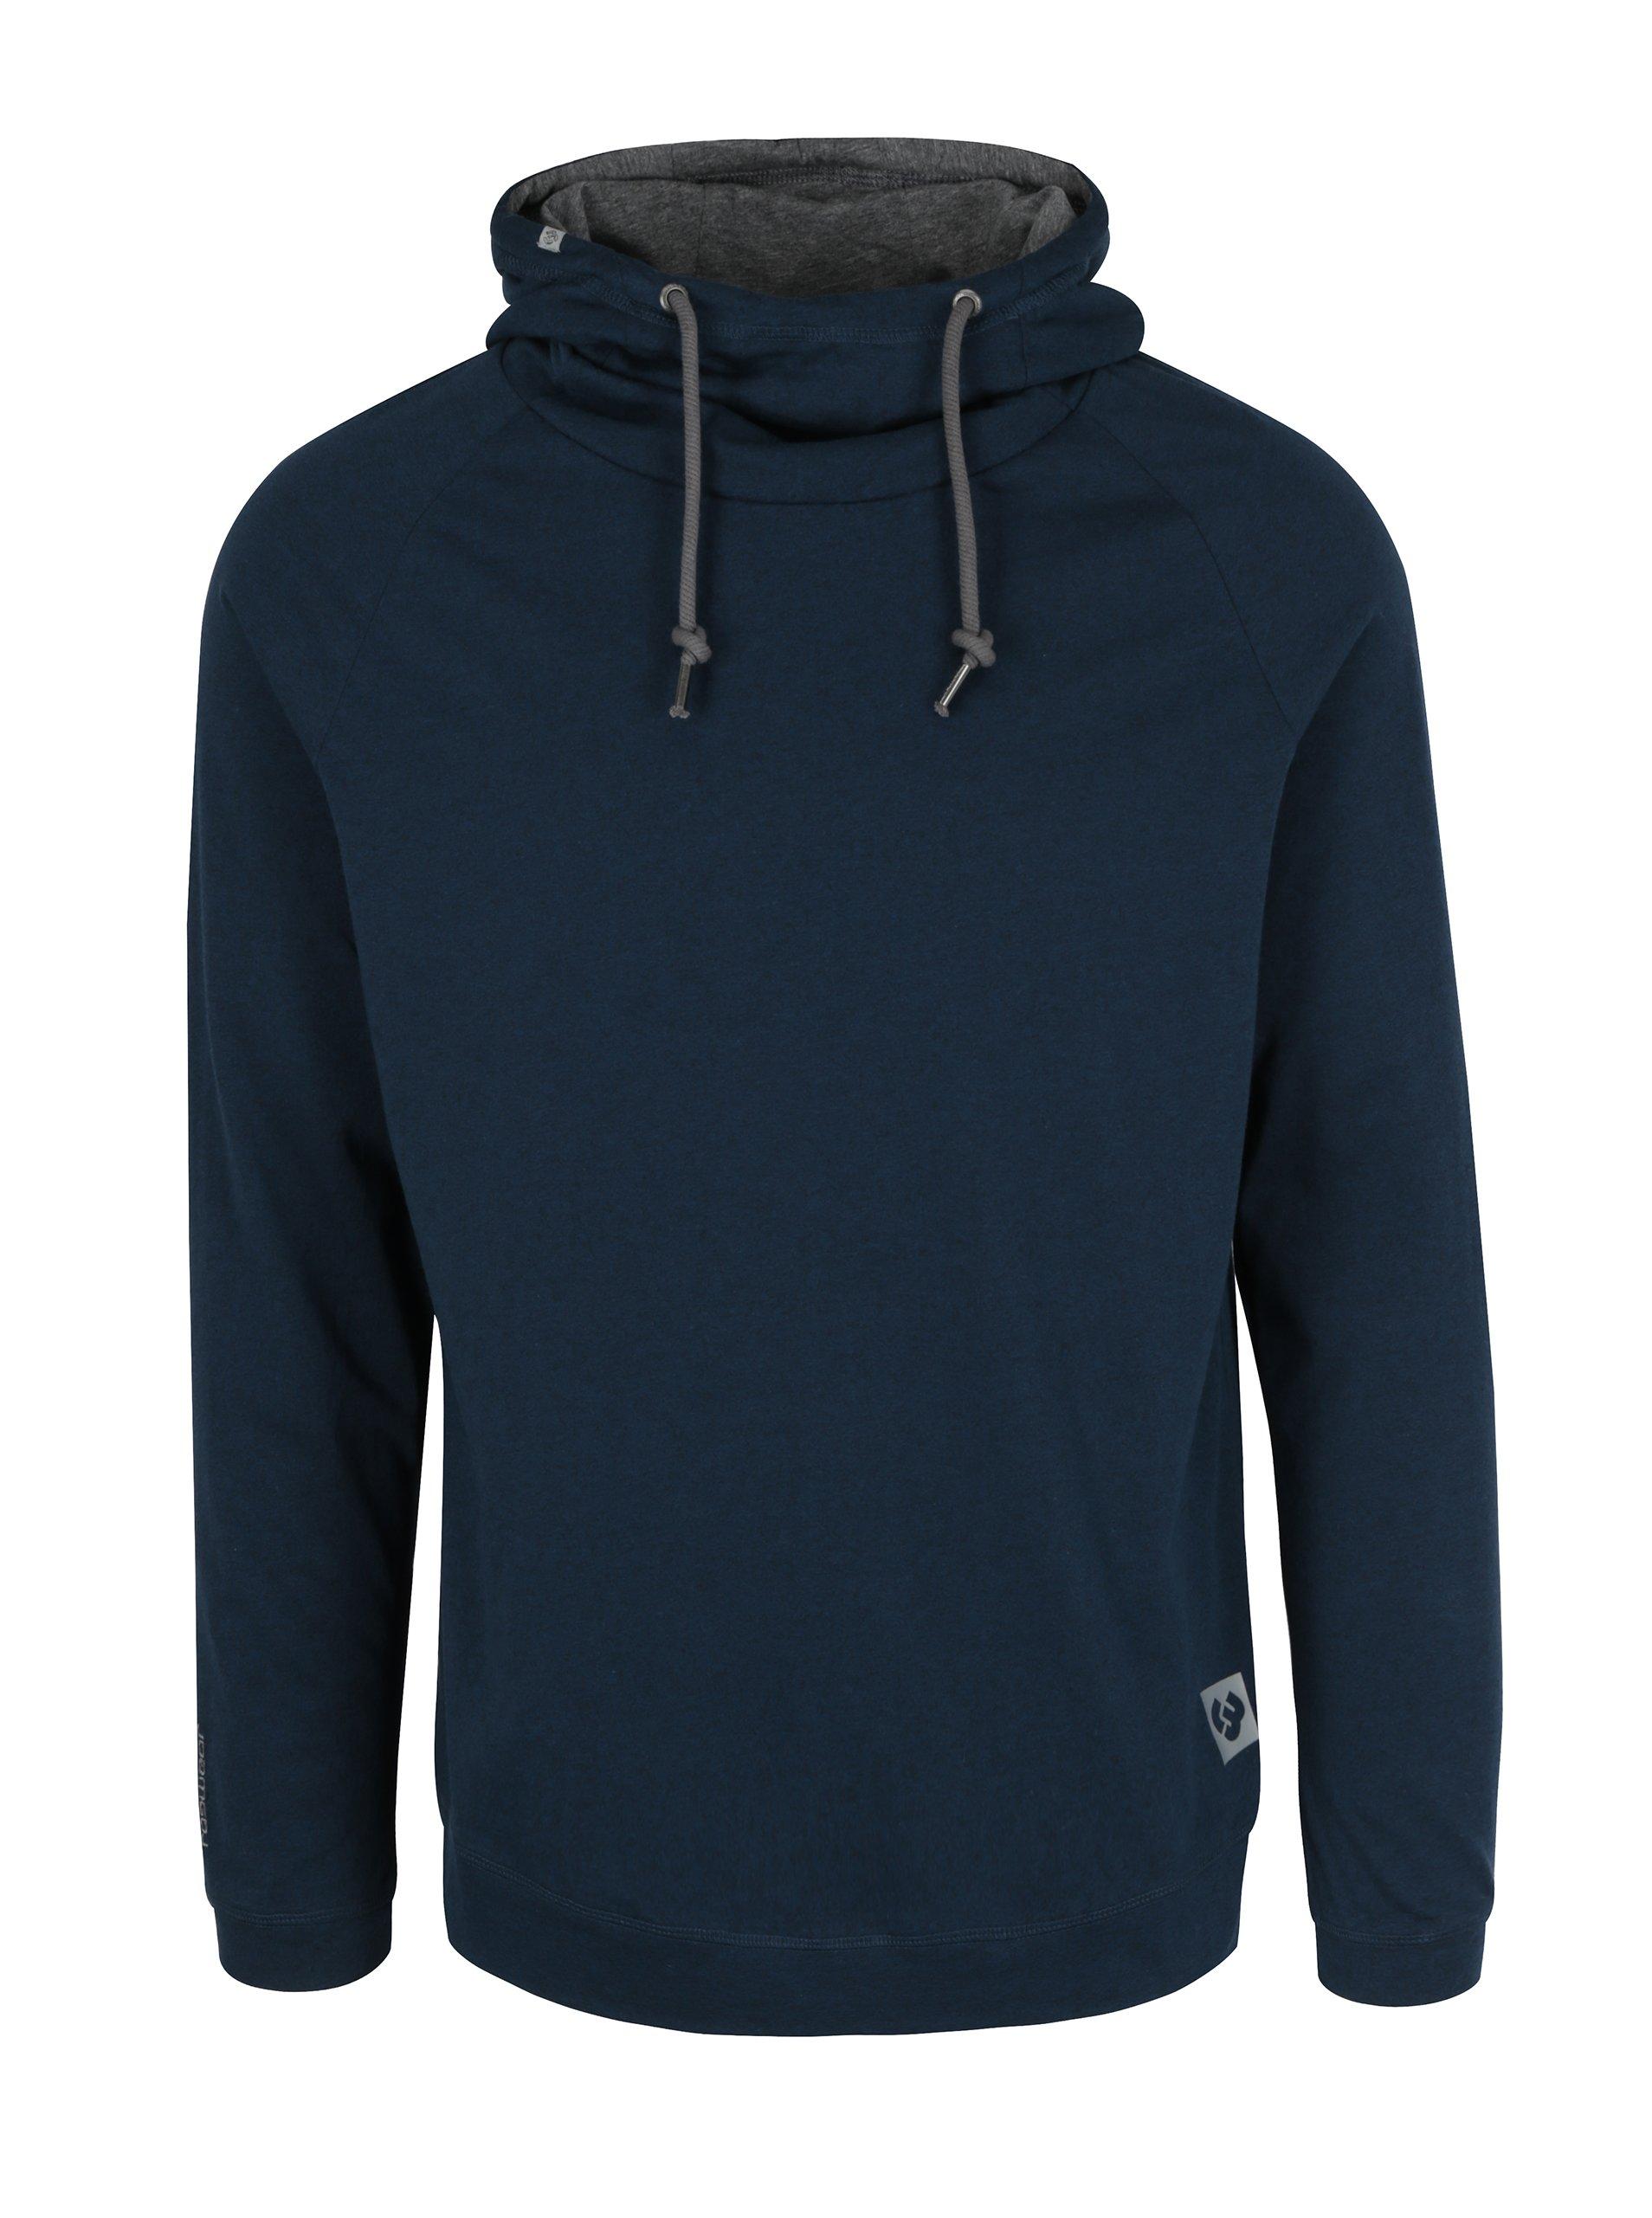 Tmavě modré pánské žíhané tričko s kapucí Ragwear Edison